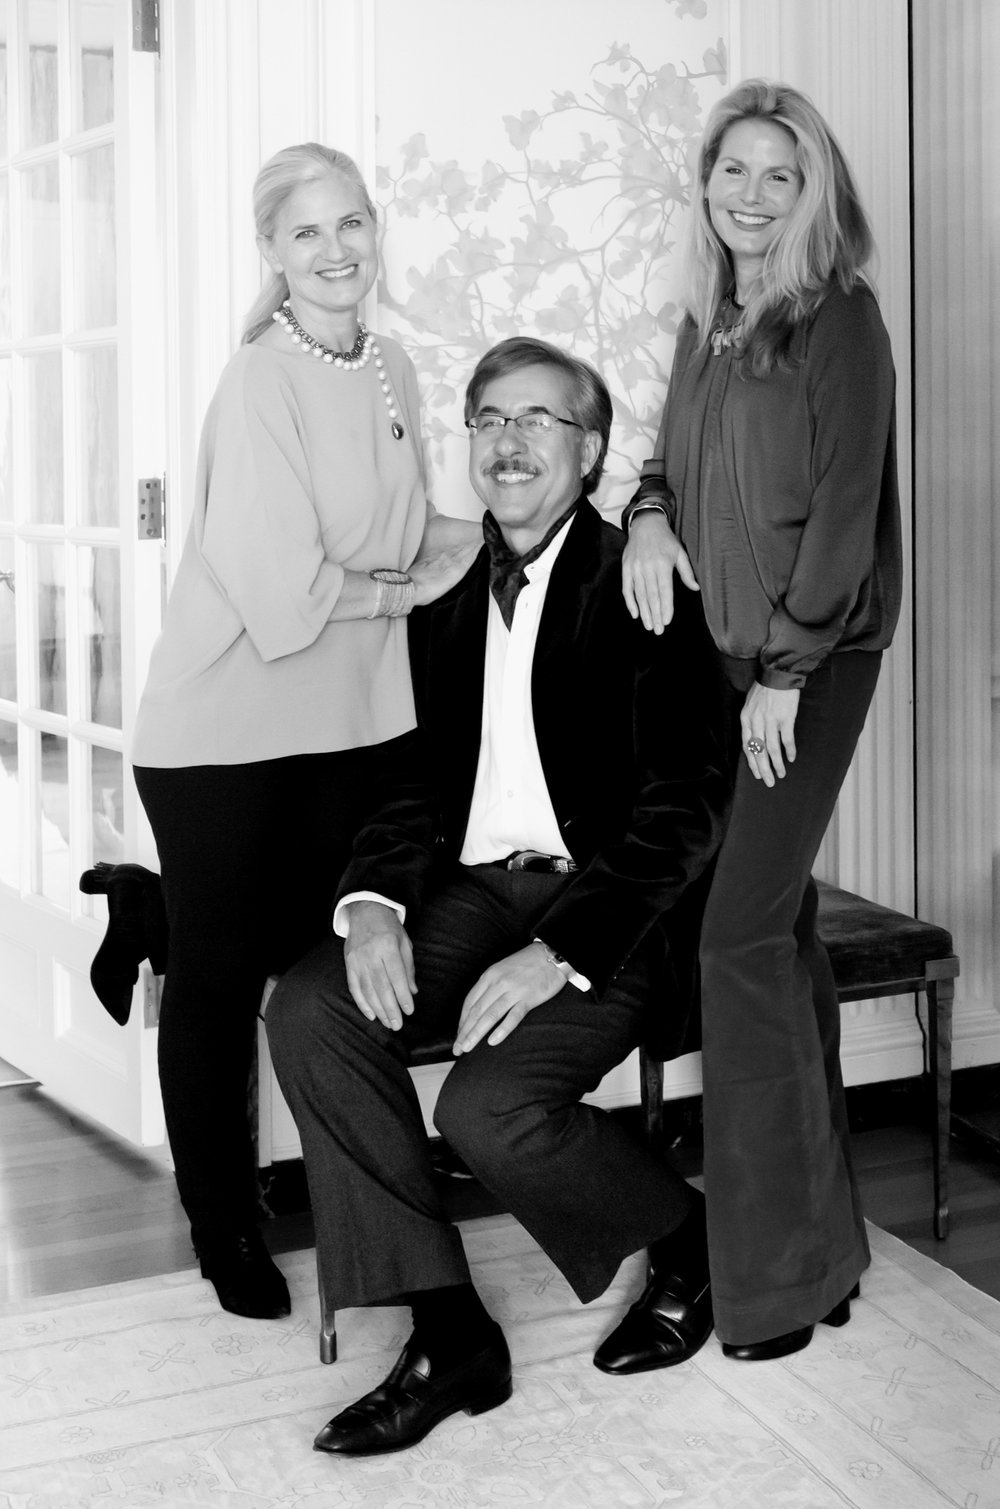 Mariana Antinori, Juan Prieto, Lee Essex Doyle (left to right)